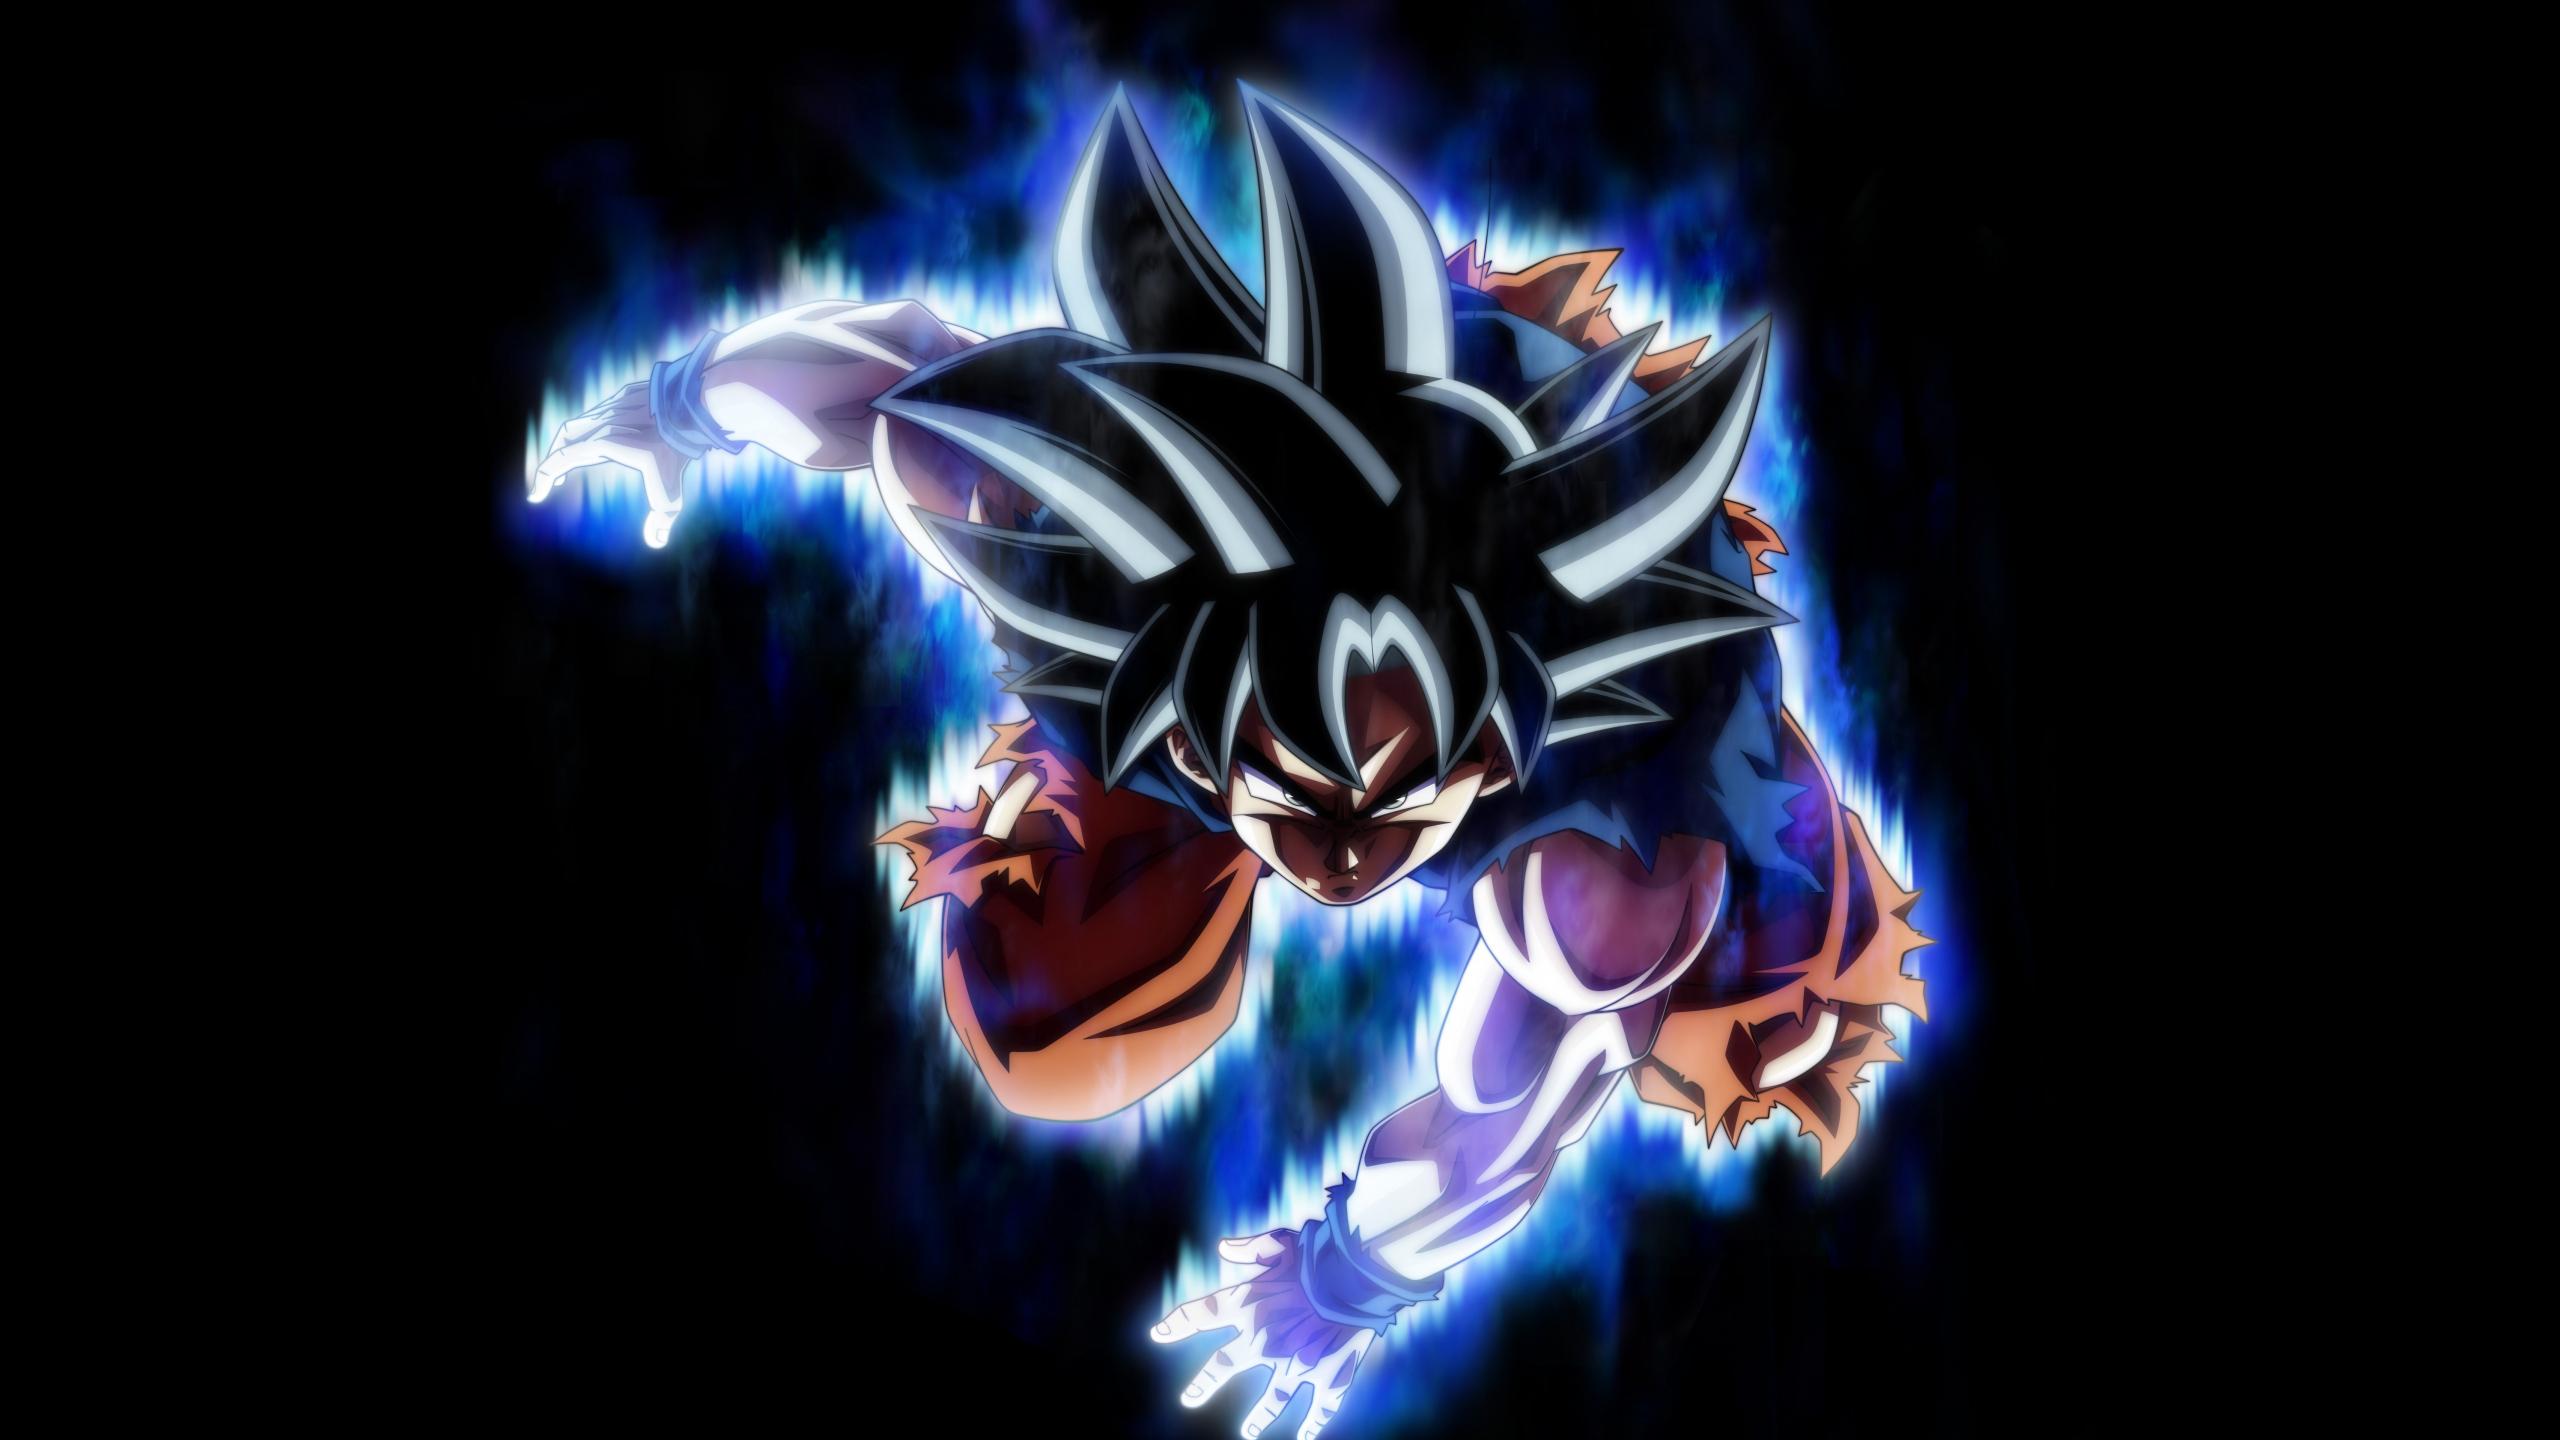 Download 2560x1440 Wallpaper Dragon Ball Super, Super